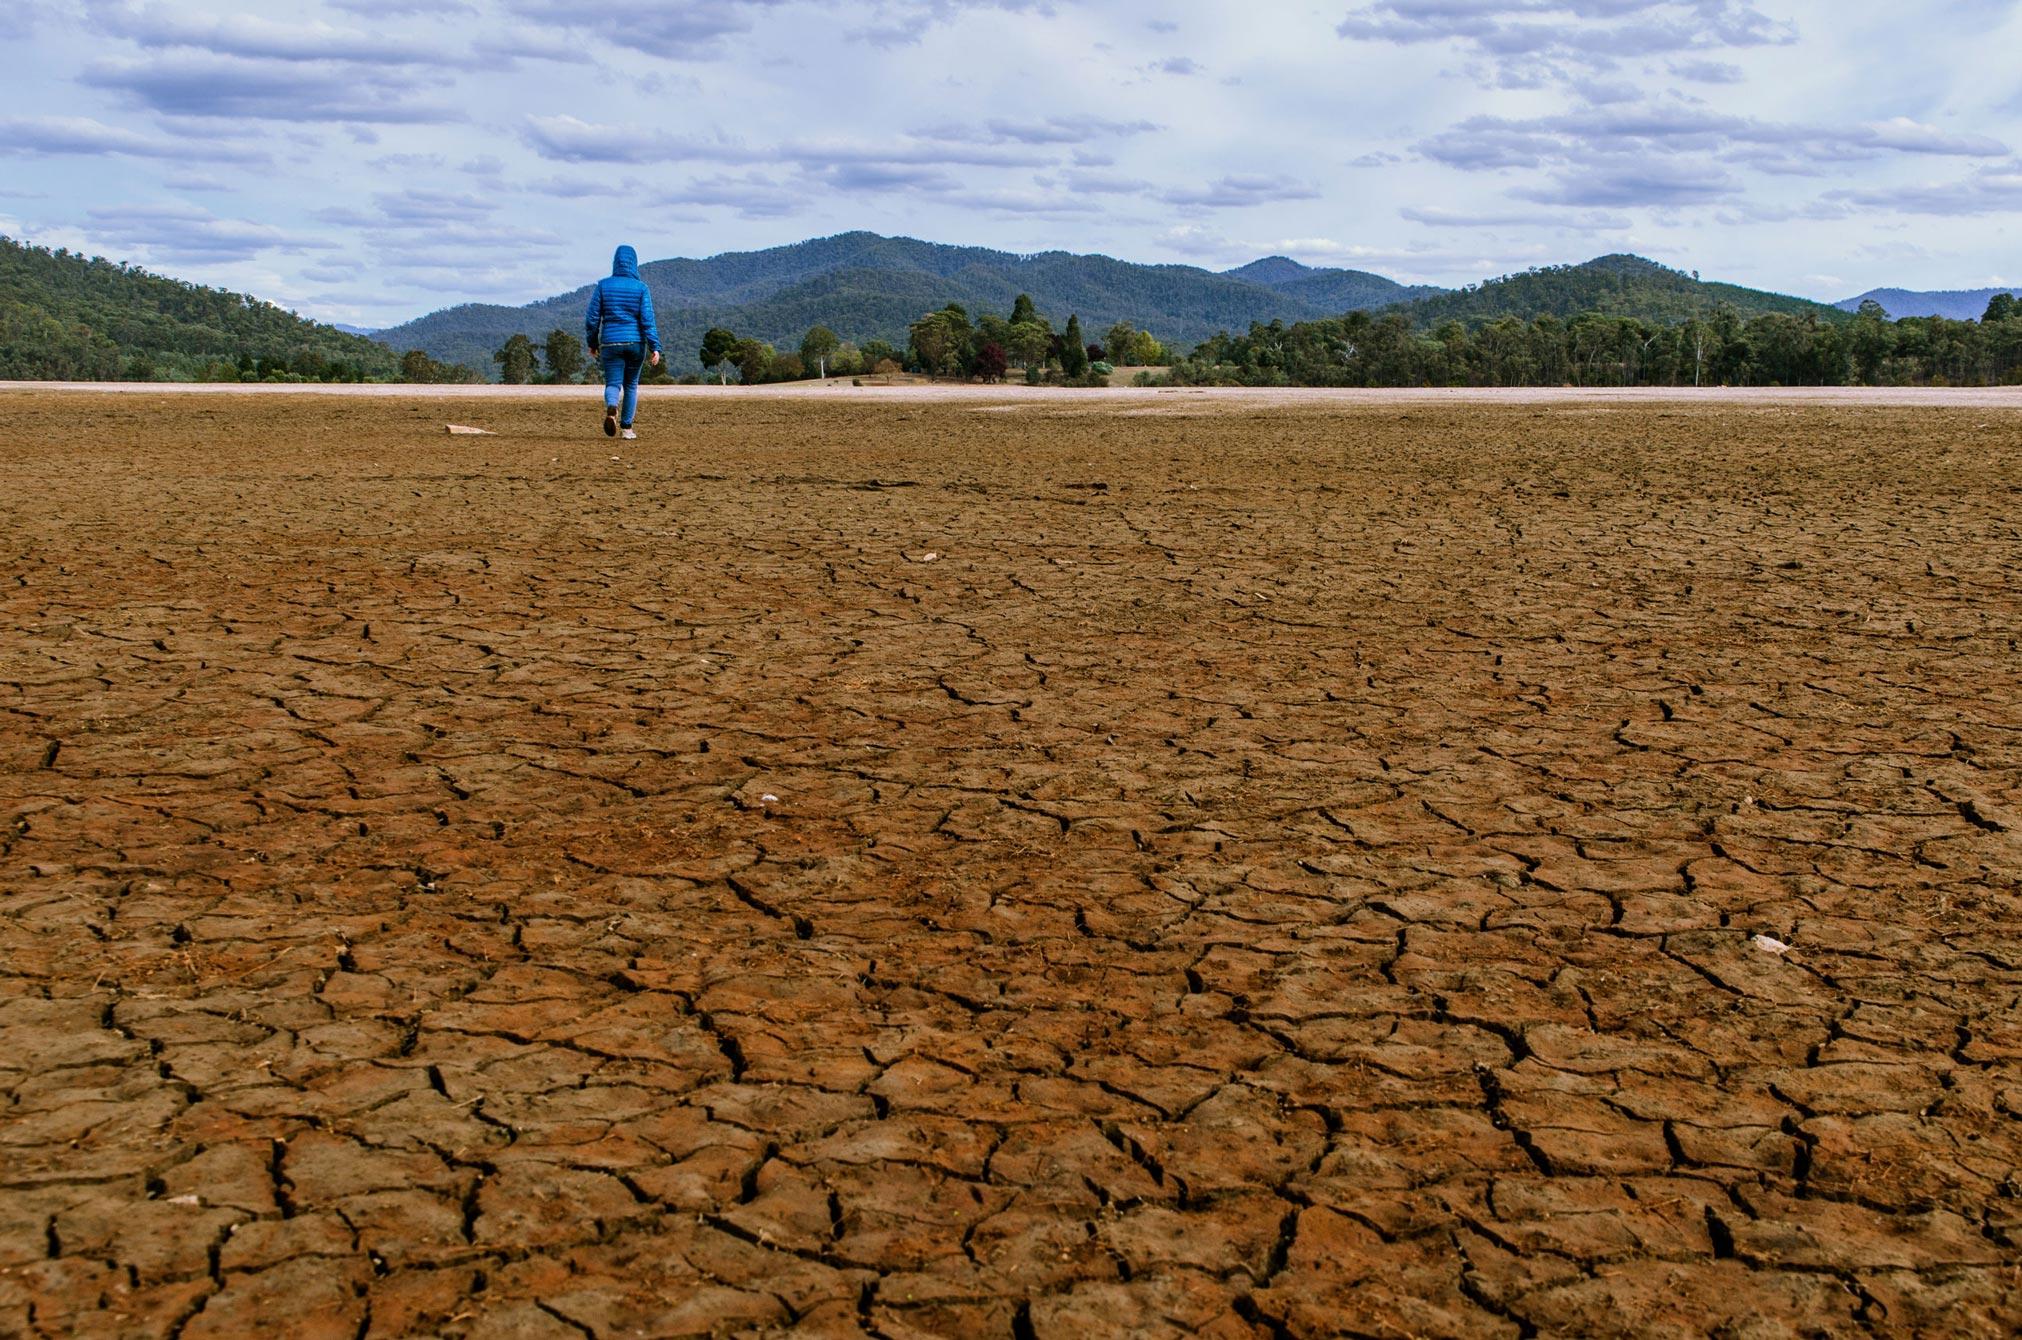 Paesaggi-Australia - DSC 7100 - Fotografo-di-paesaggio-Australia-Lake - Fotografo-di-paesaggio-Australia-Lake